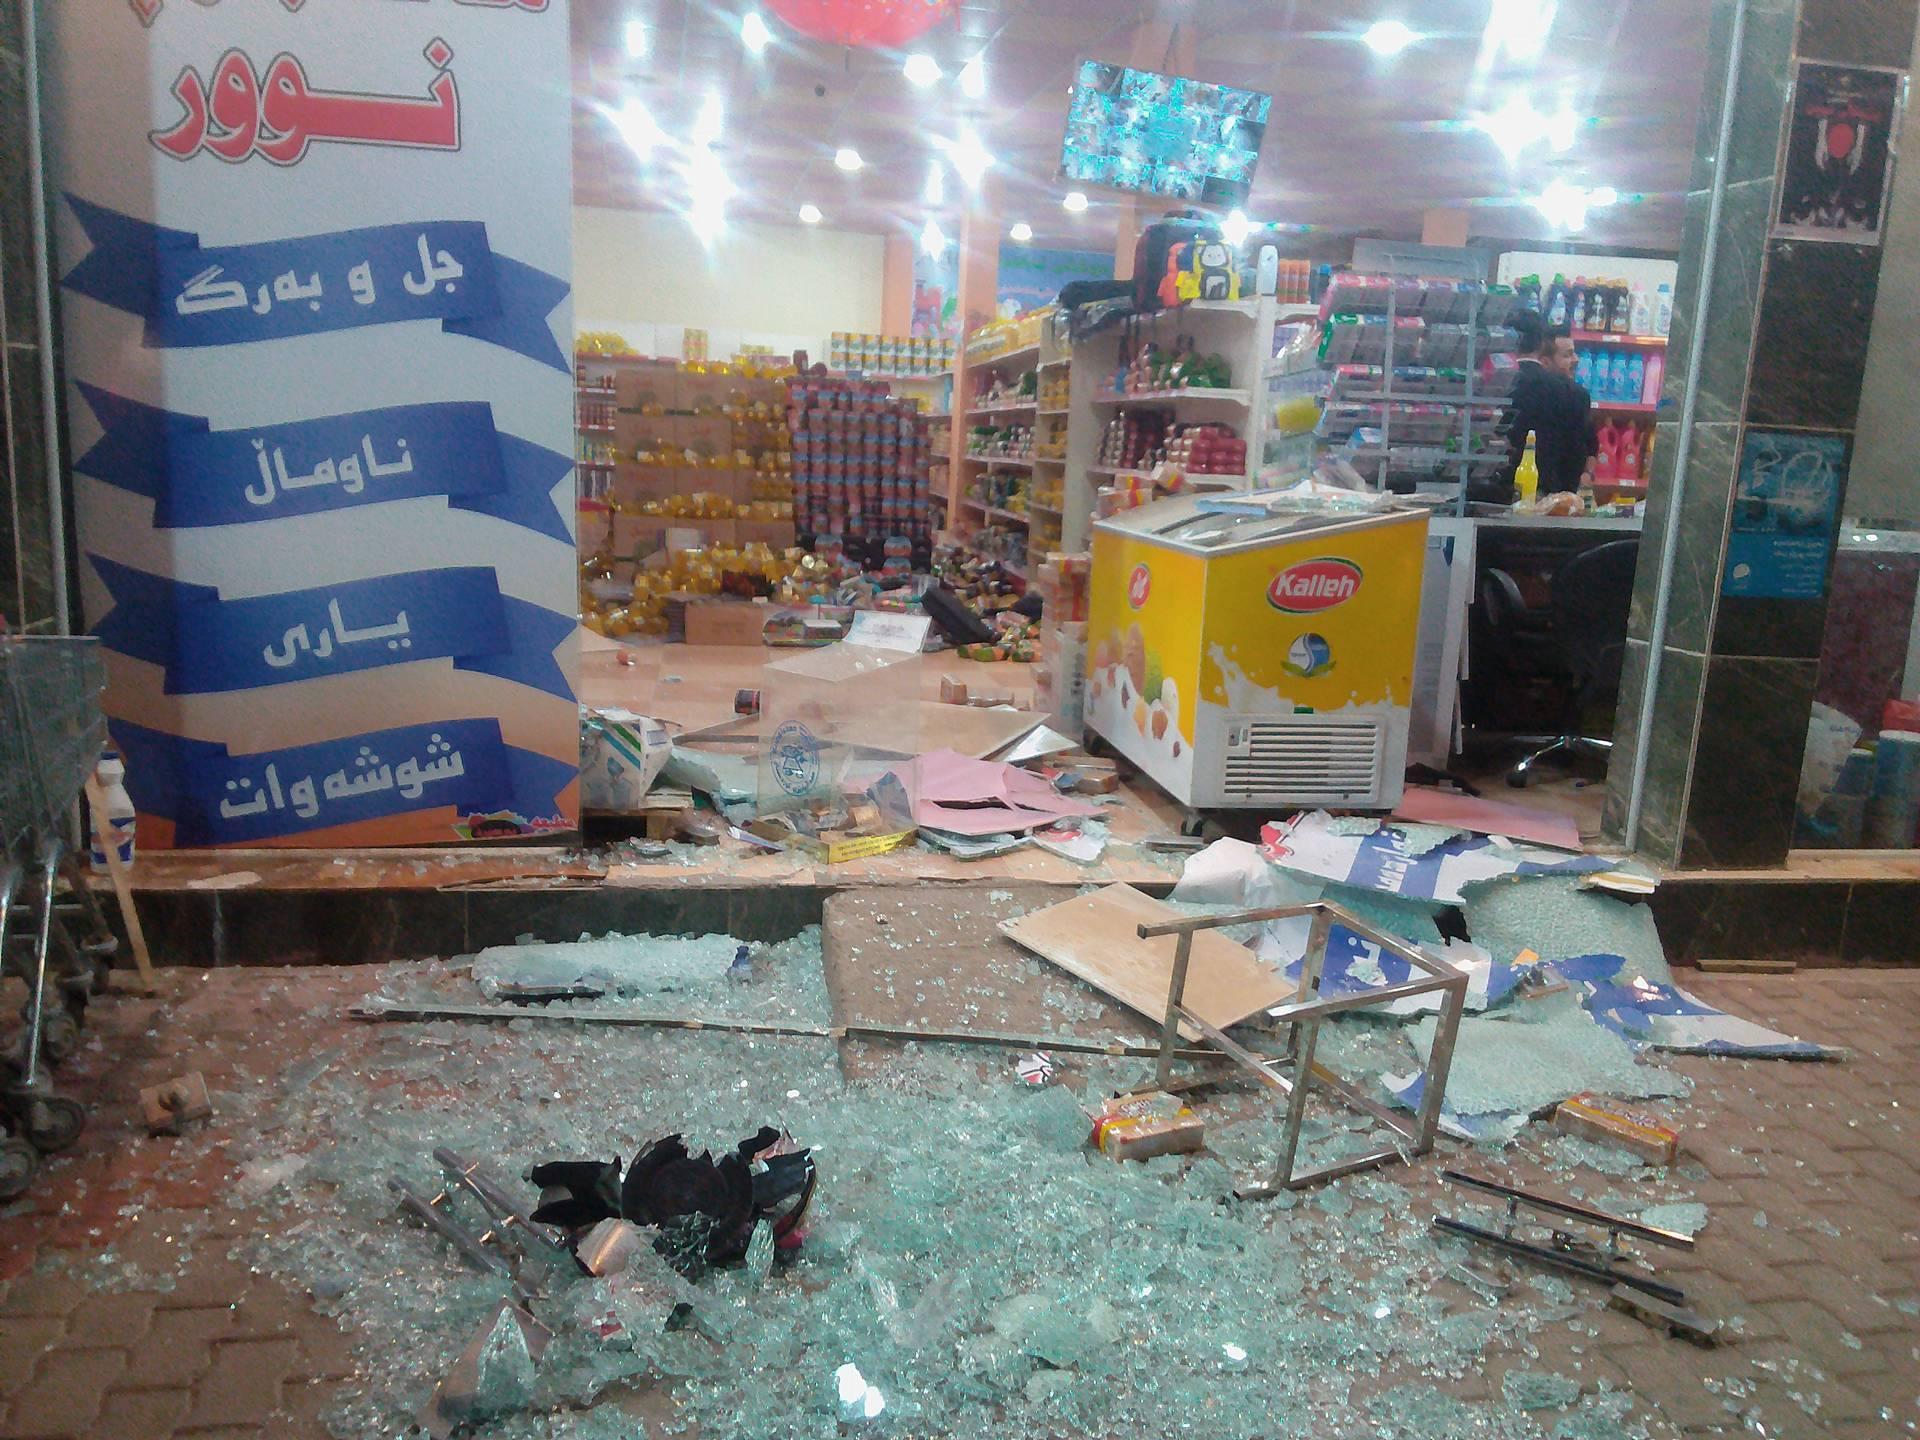 Violenta scossa di terremoto in Iran, magnitudo 7.2. Rischio gravi danni